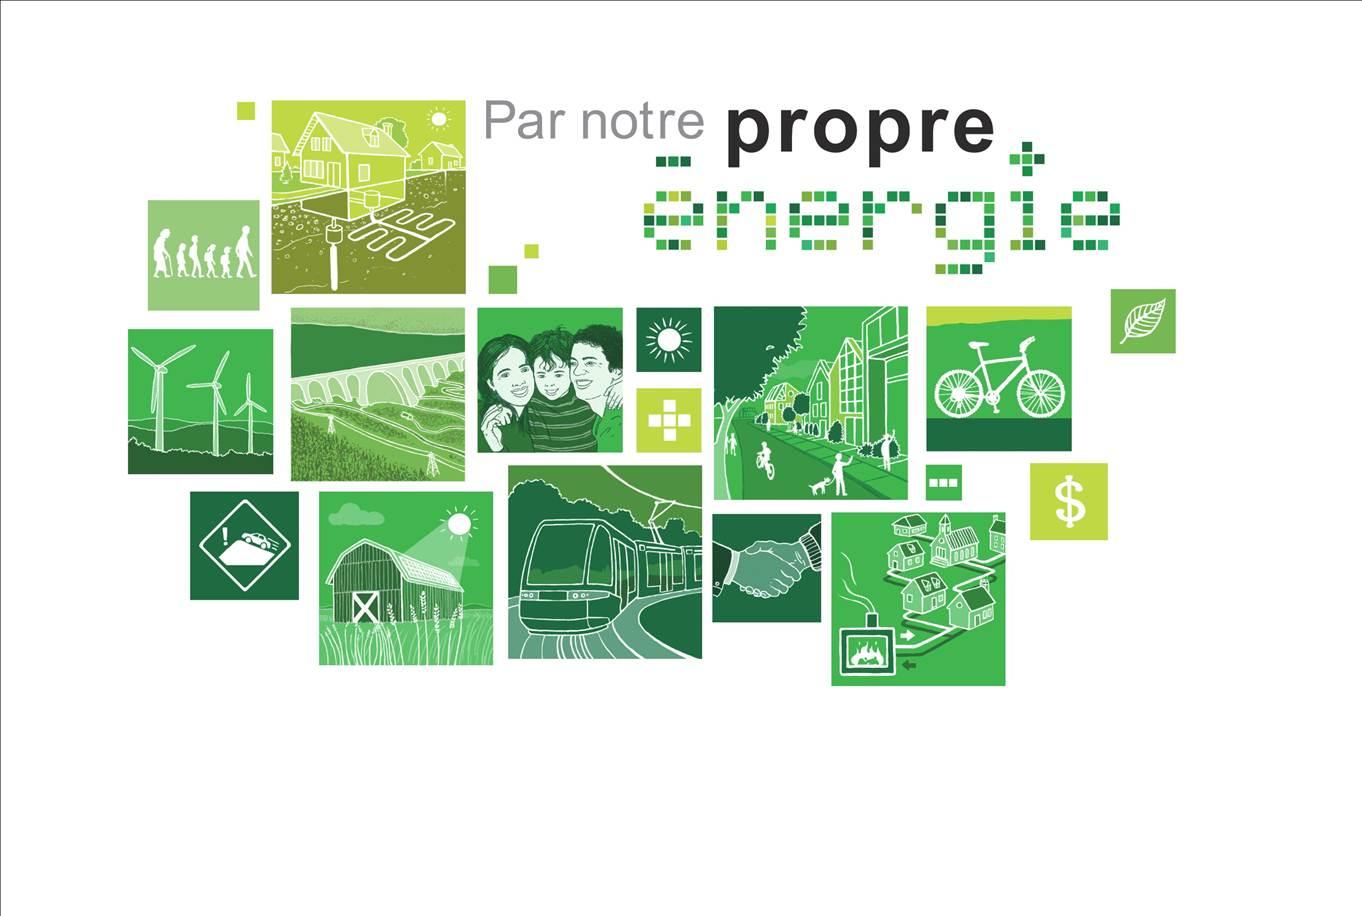 « Par notre PROPRE énergie », vers une réduction de la consommation de pétrole au Québec